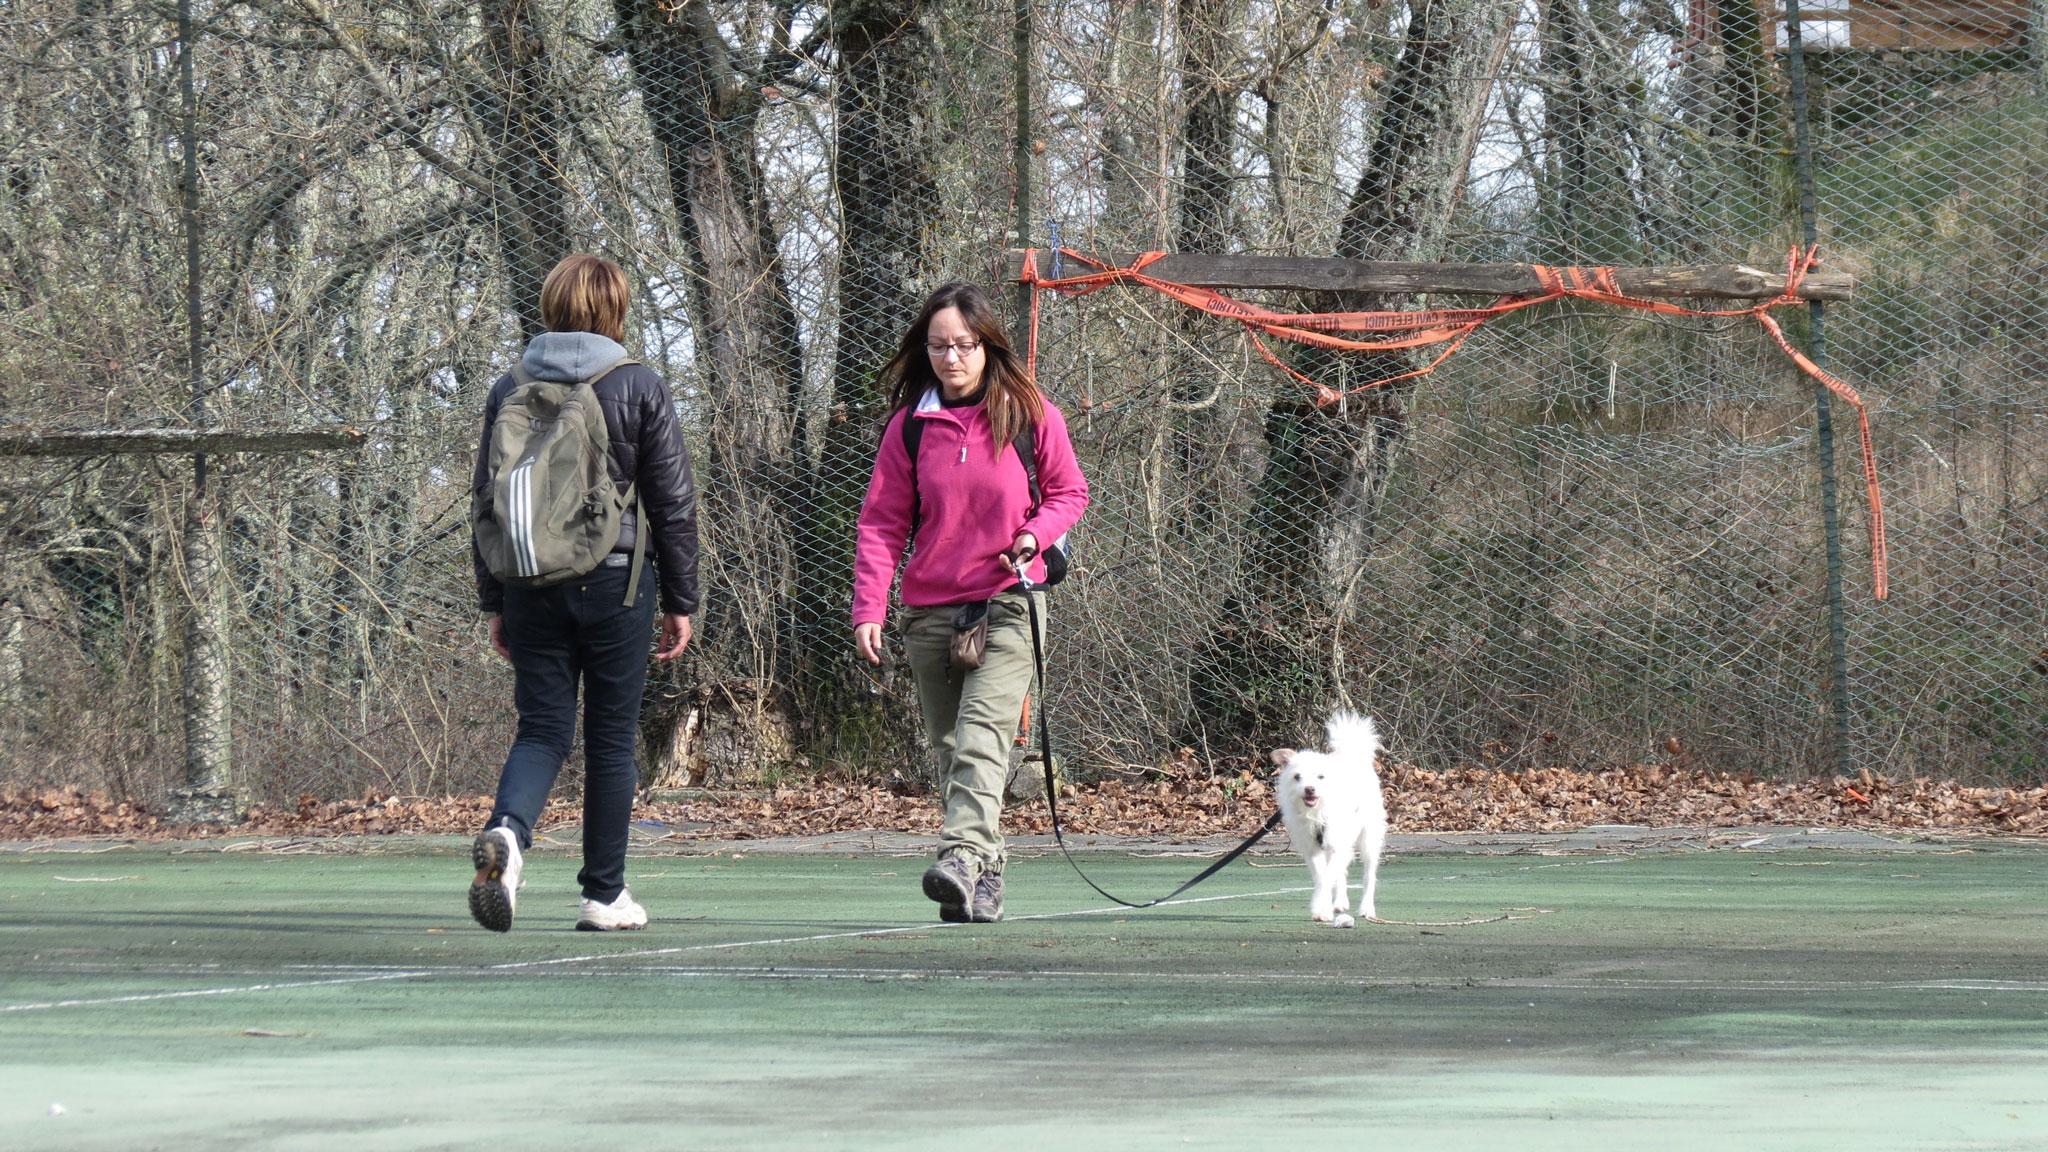 Il mio cane tira - cosa devo fare? -Stefano Pesci Istruttore Educatore Cinofilo Comportamentale